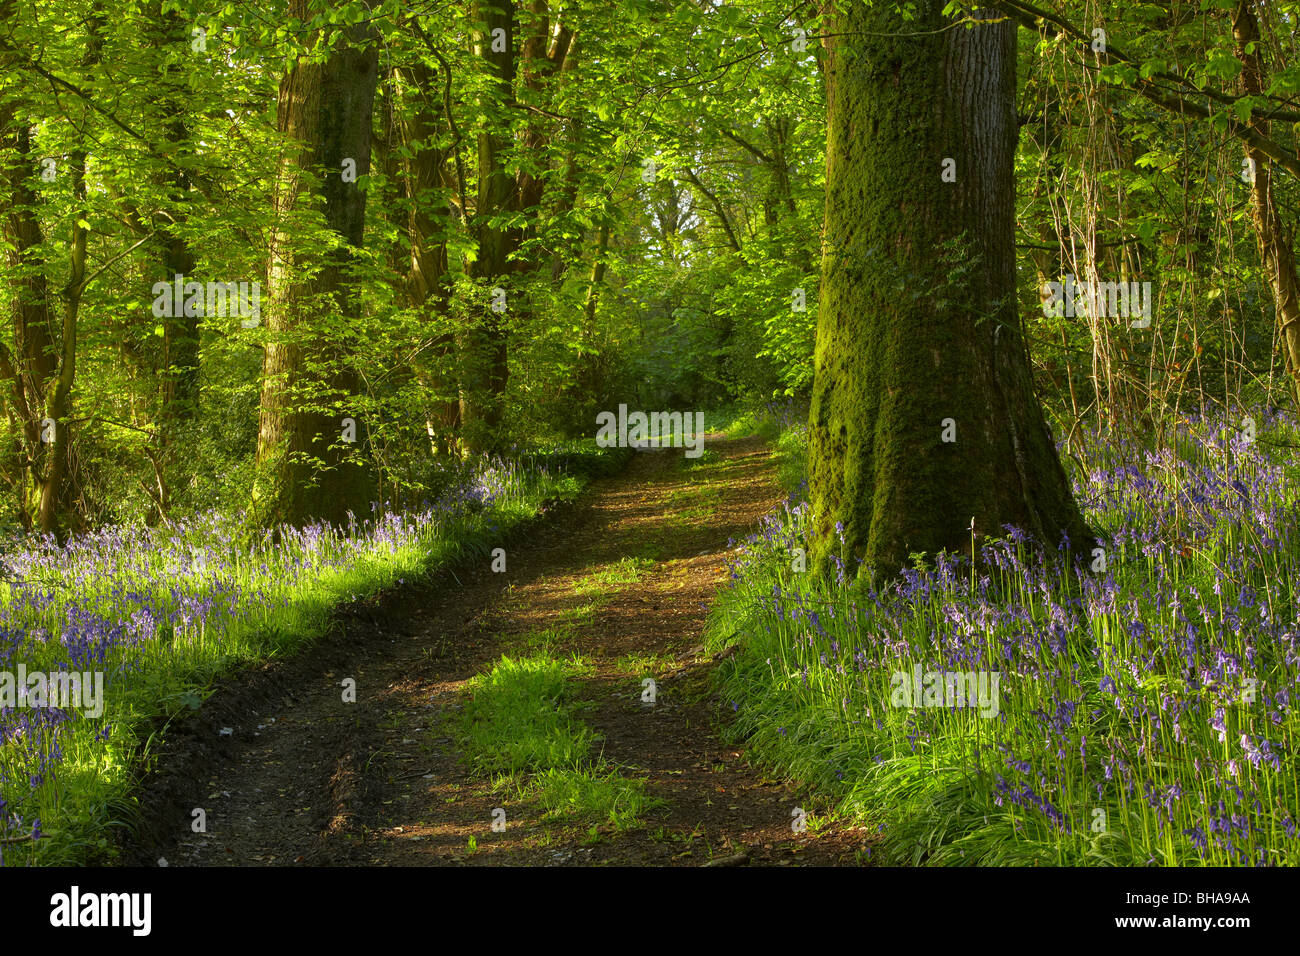 Une piste à travers les jacinthes dans les bois à Batcombe à l'aube, Dorset, England, UK Photo Stock